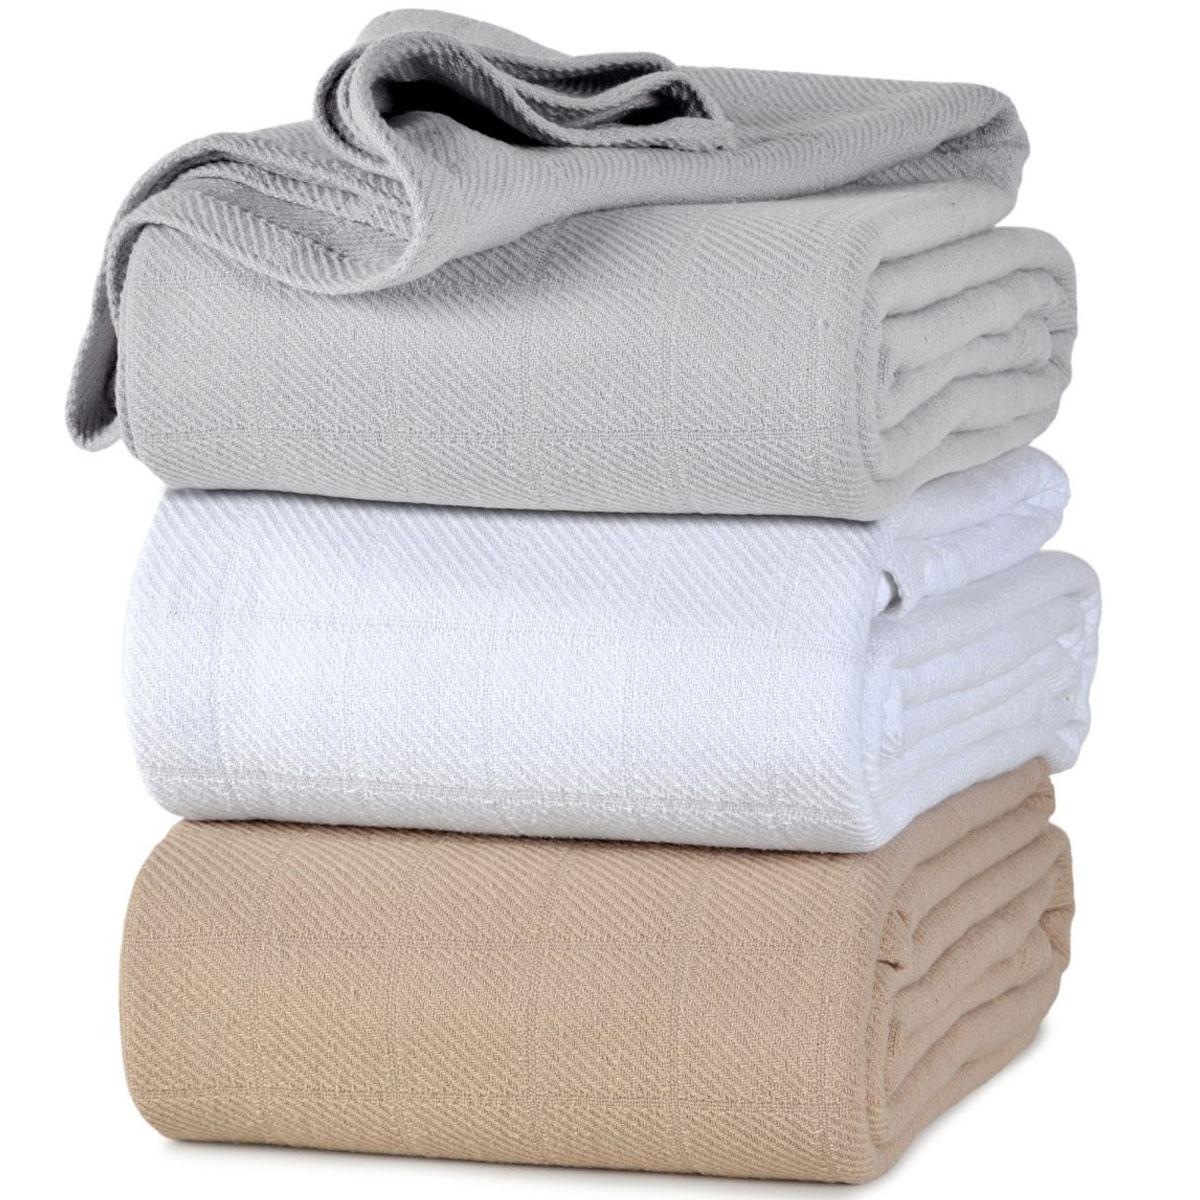 Home   Berkshire Blankets   Blankets   AllSoft Cotton Blankets   Berkshire  AllSoft Cotton Blanket 280 GSM Twin 70x90 White e600fc49e